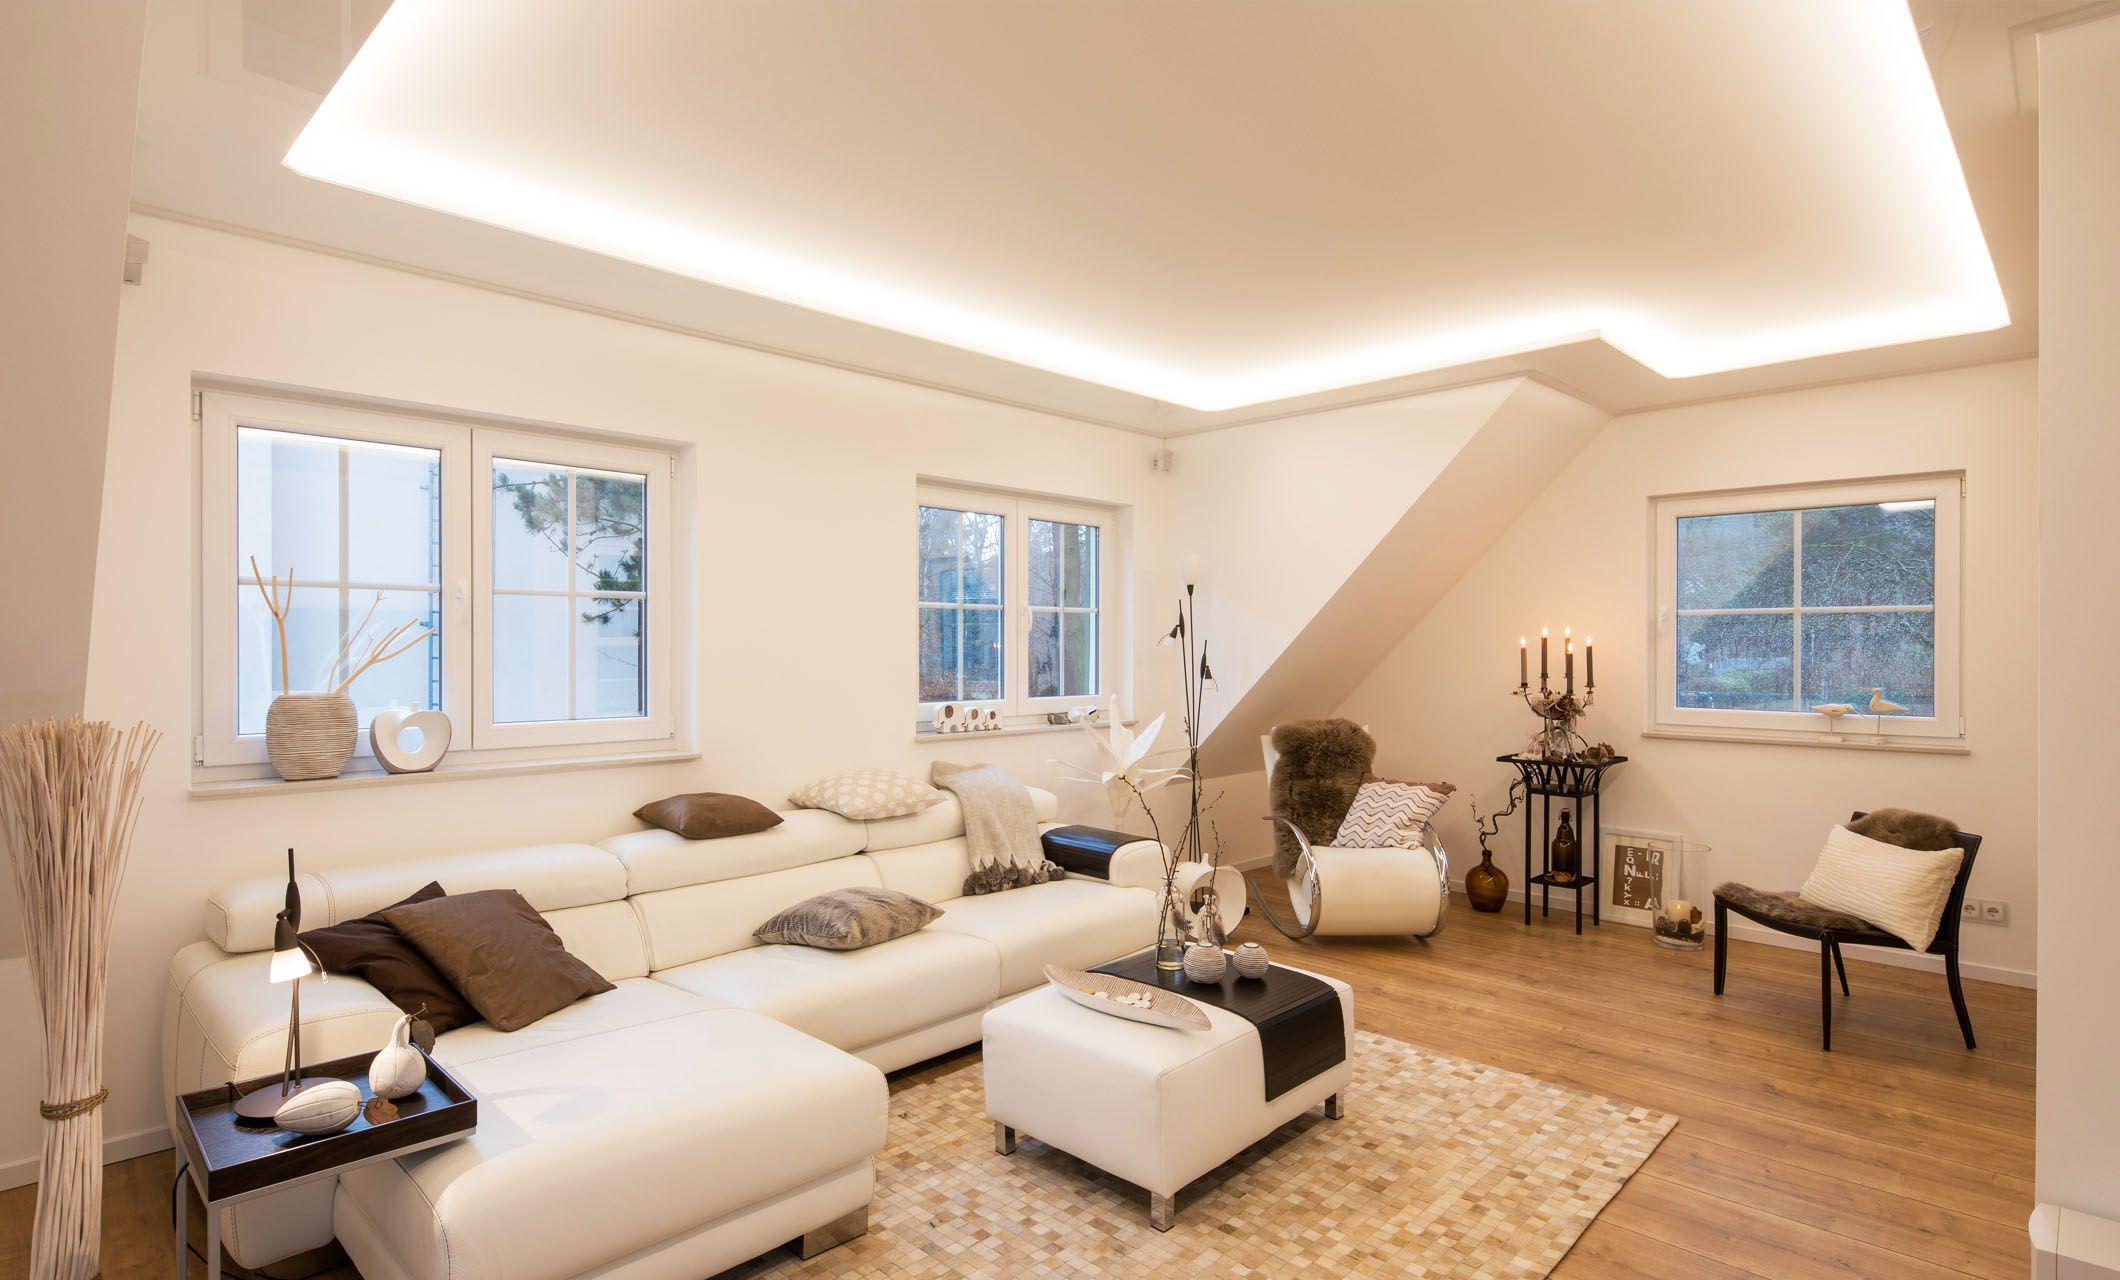 Willkommen Bei Plameco Decken Beleuchtung Wohnzimmer Wohnzimmer Decke Deckenbeleuchtung Wohnzimmer